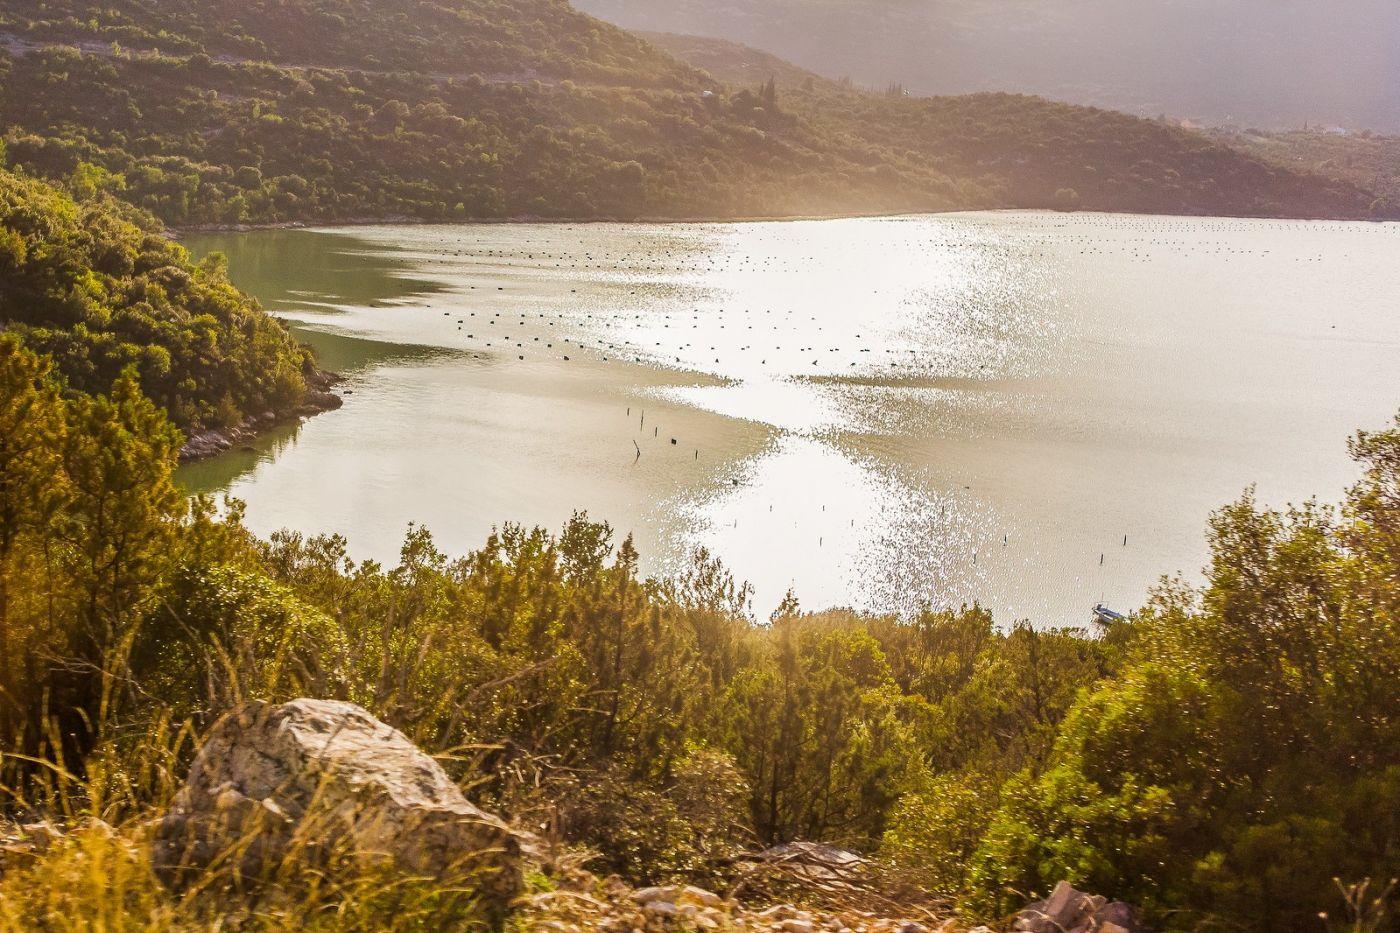 克罗地亚旅途,海岸线景色_图1-22